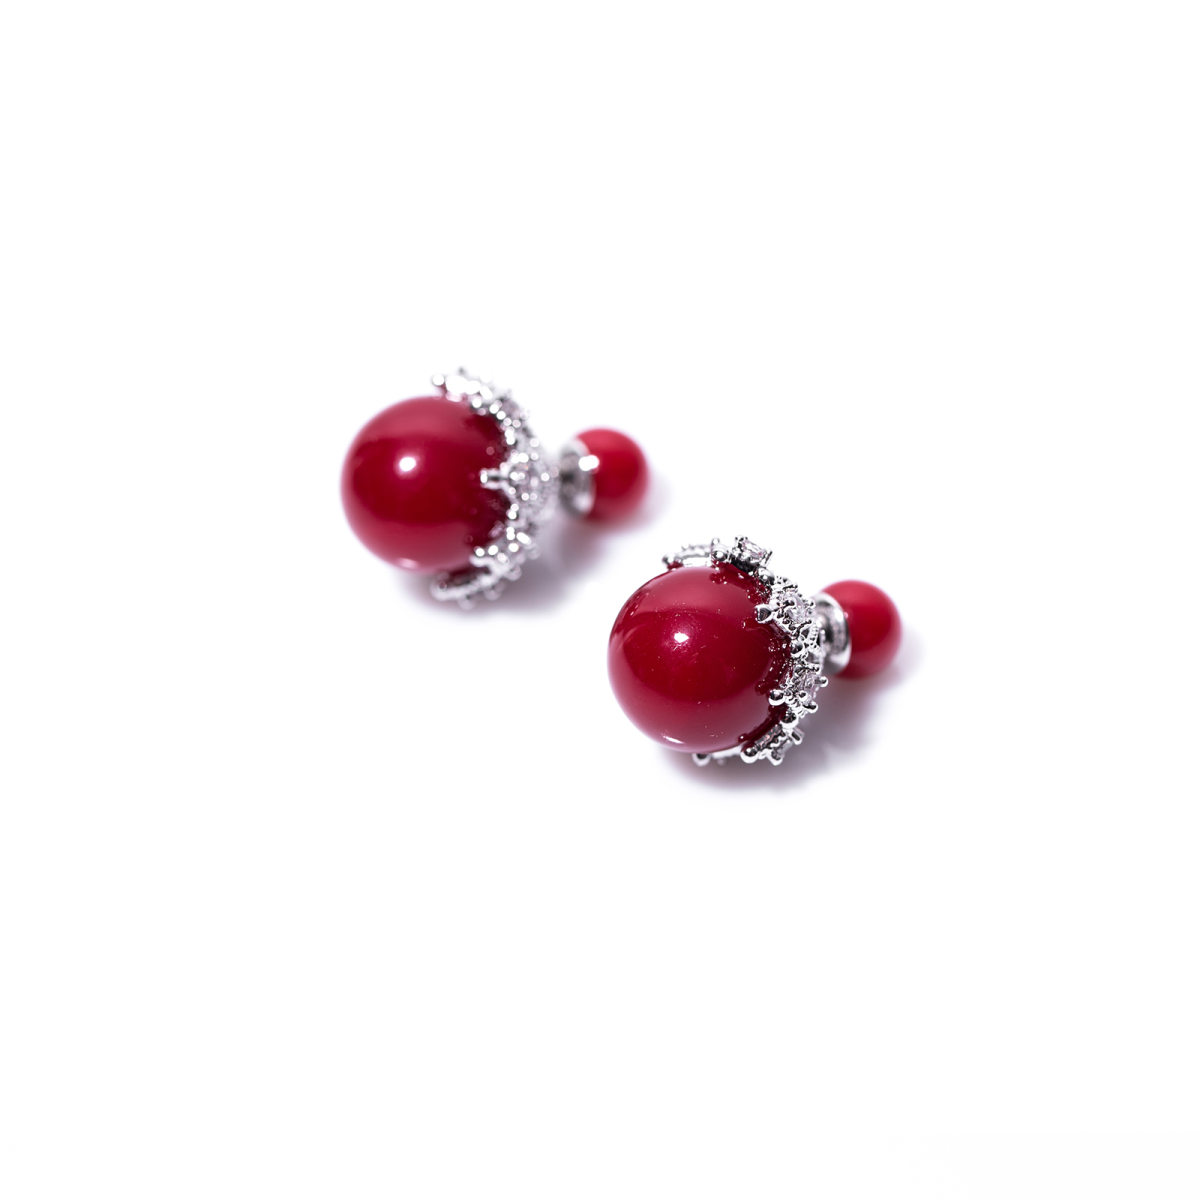 Cercei cu detalii tip perle Rosu